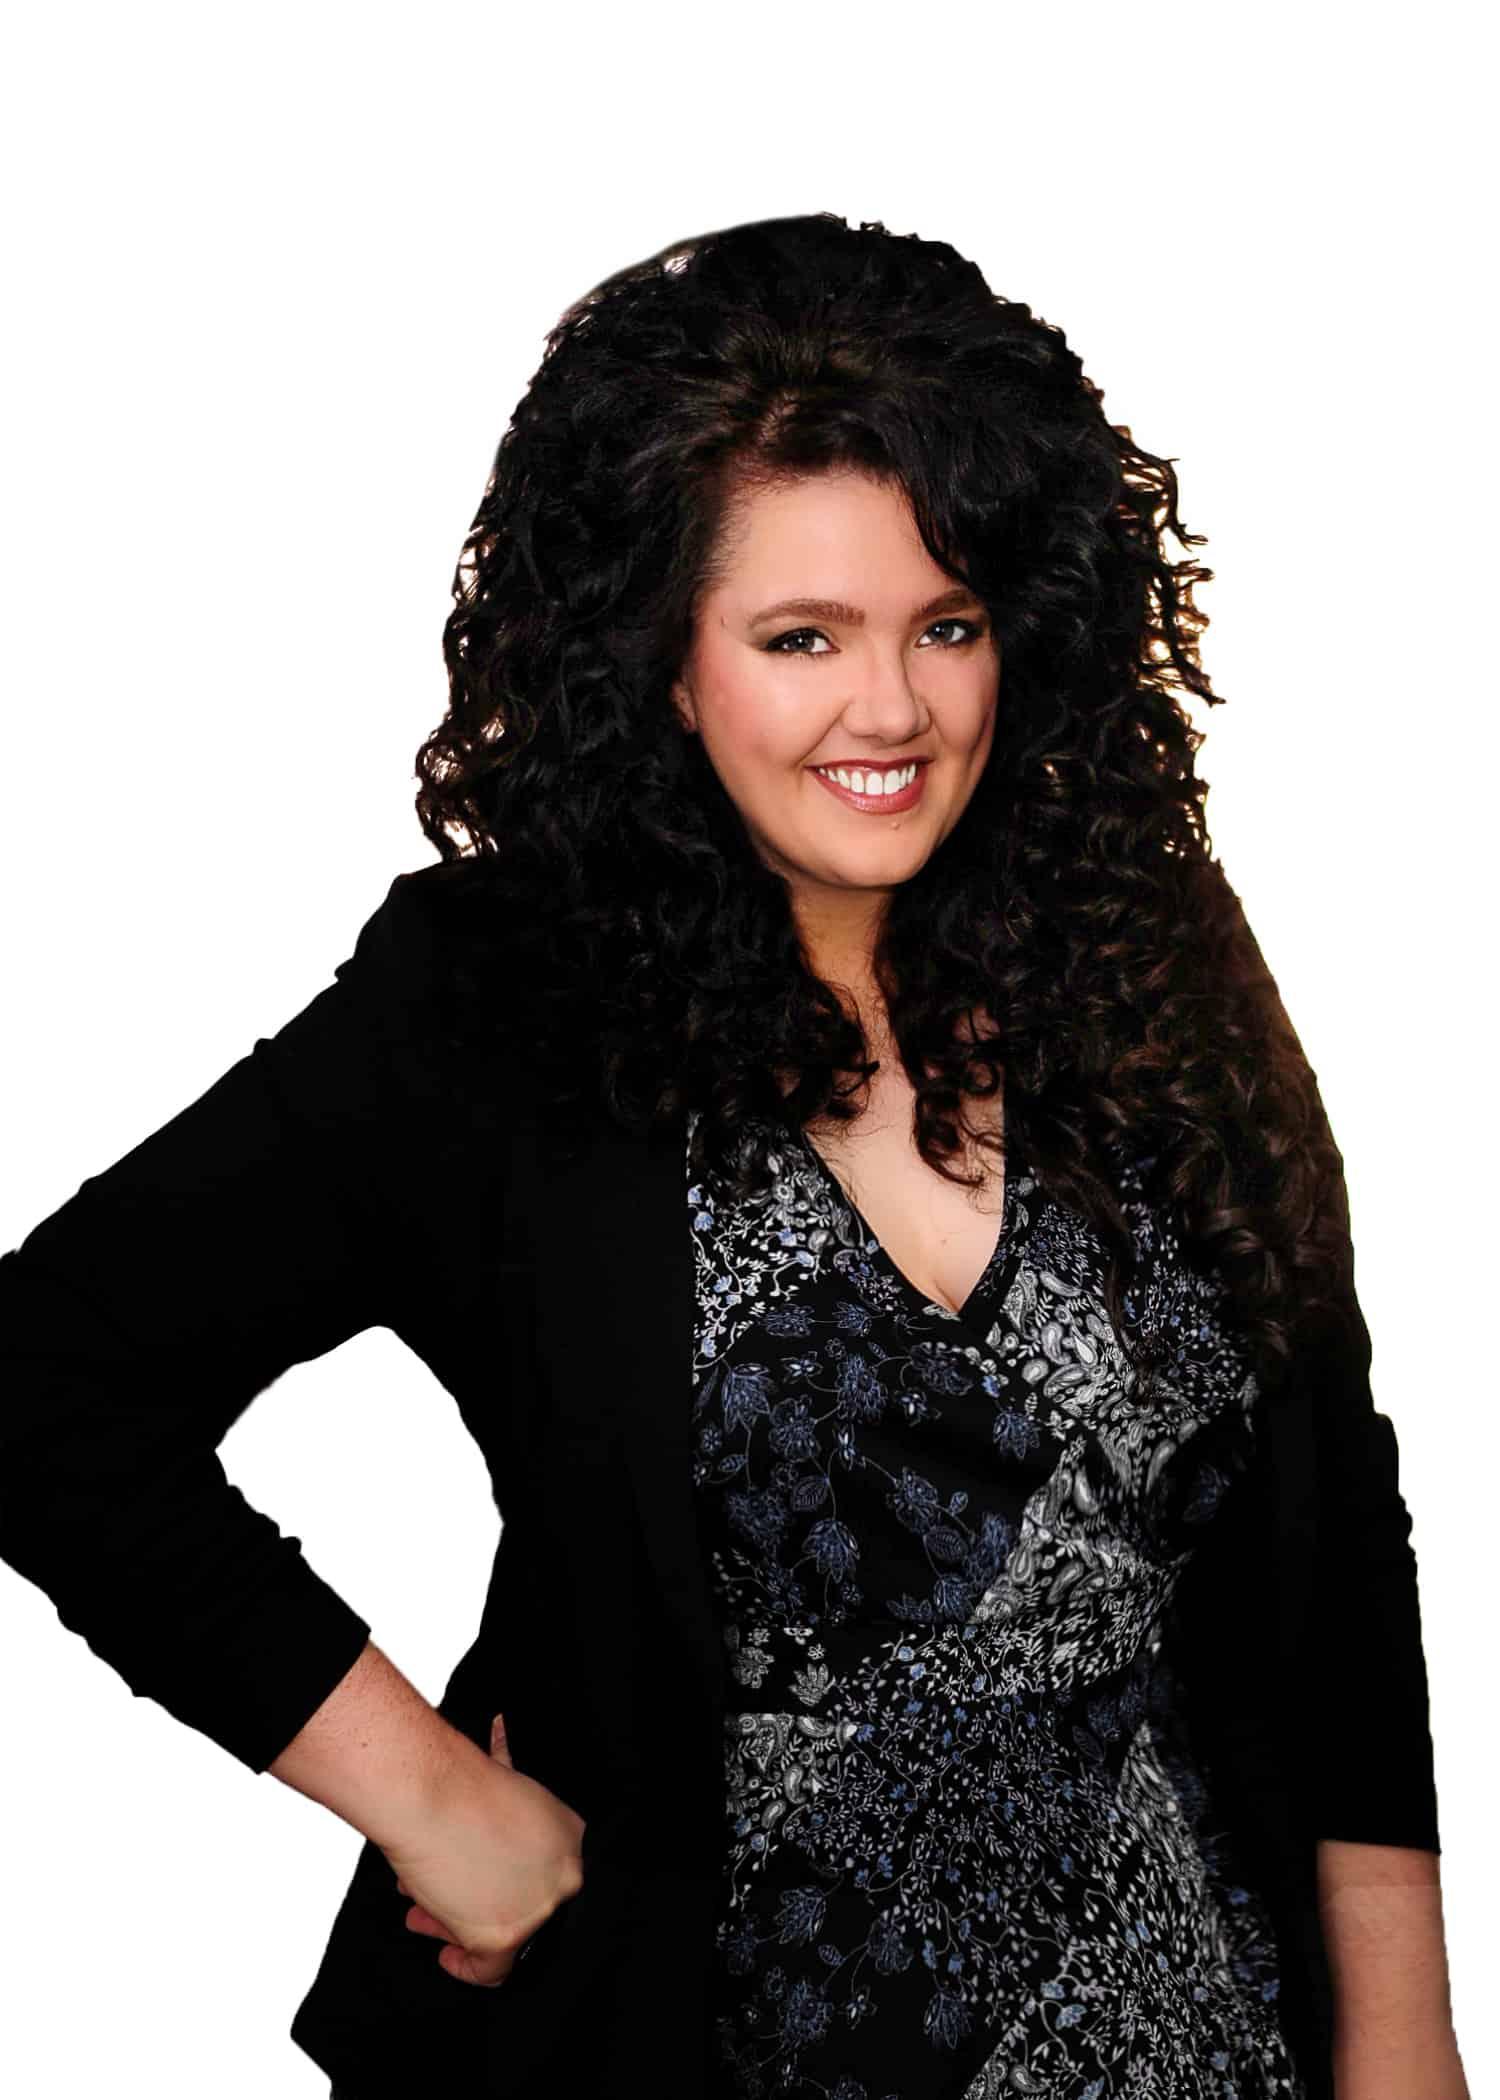 Stephanie Pesth